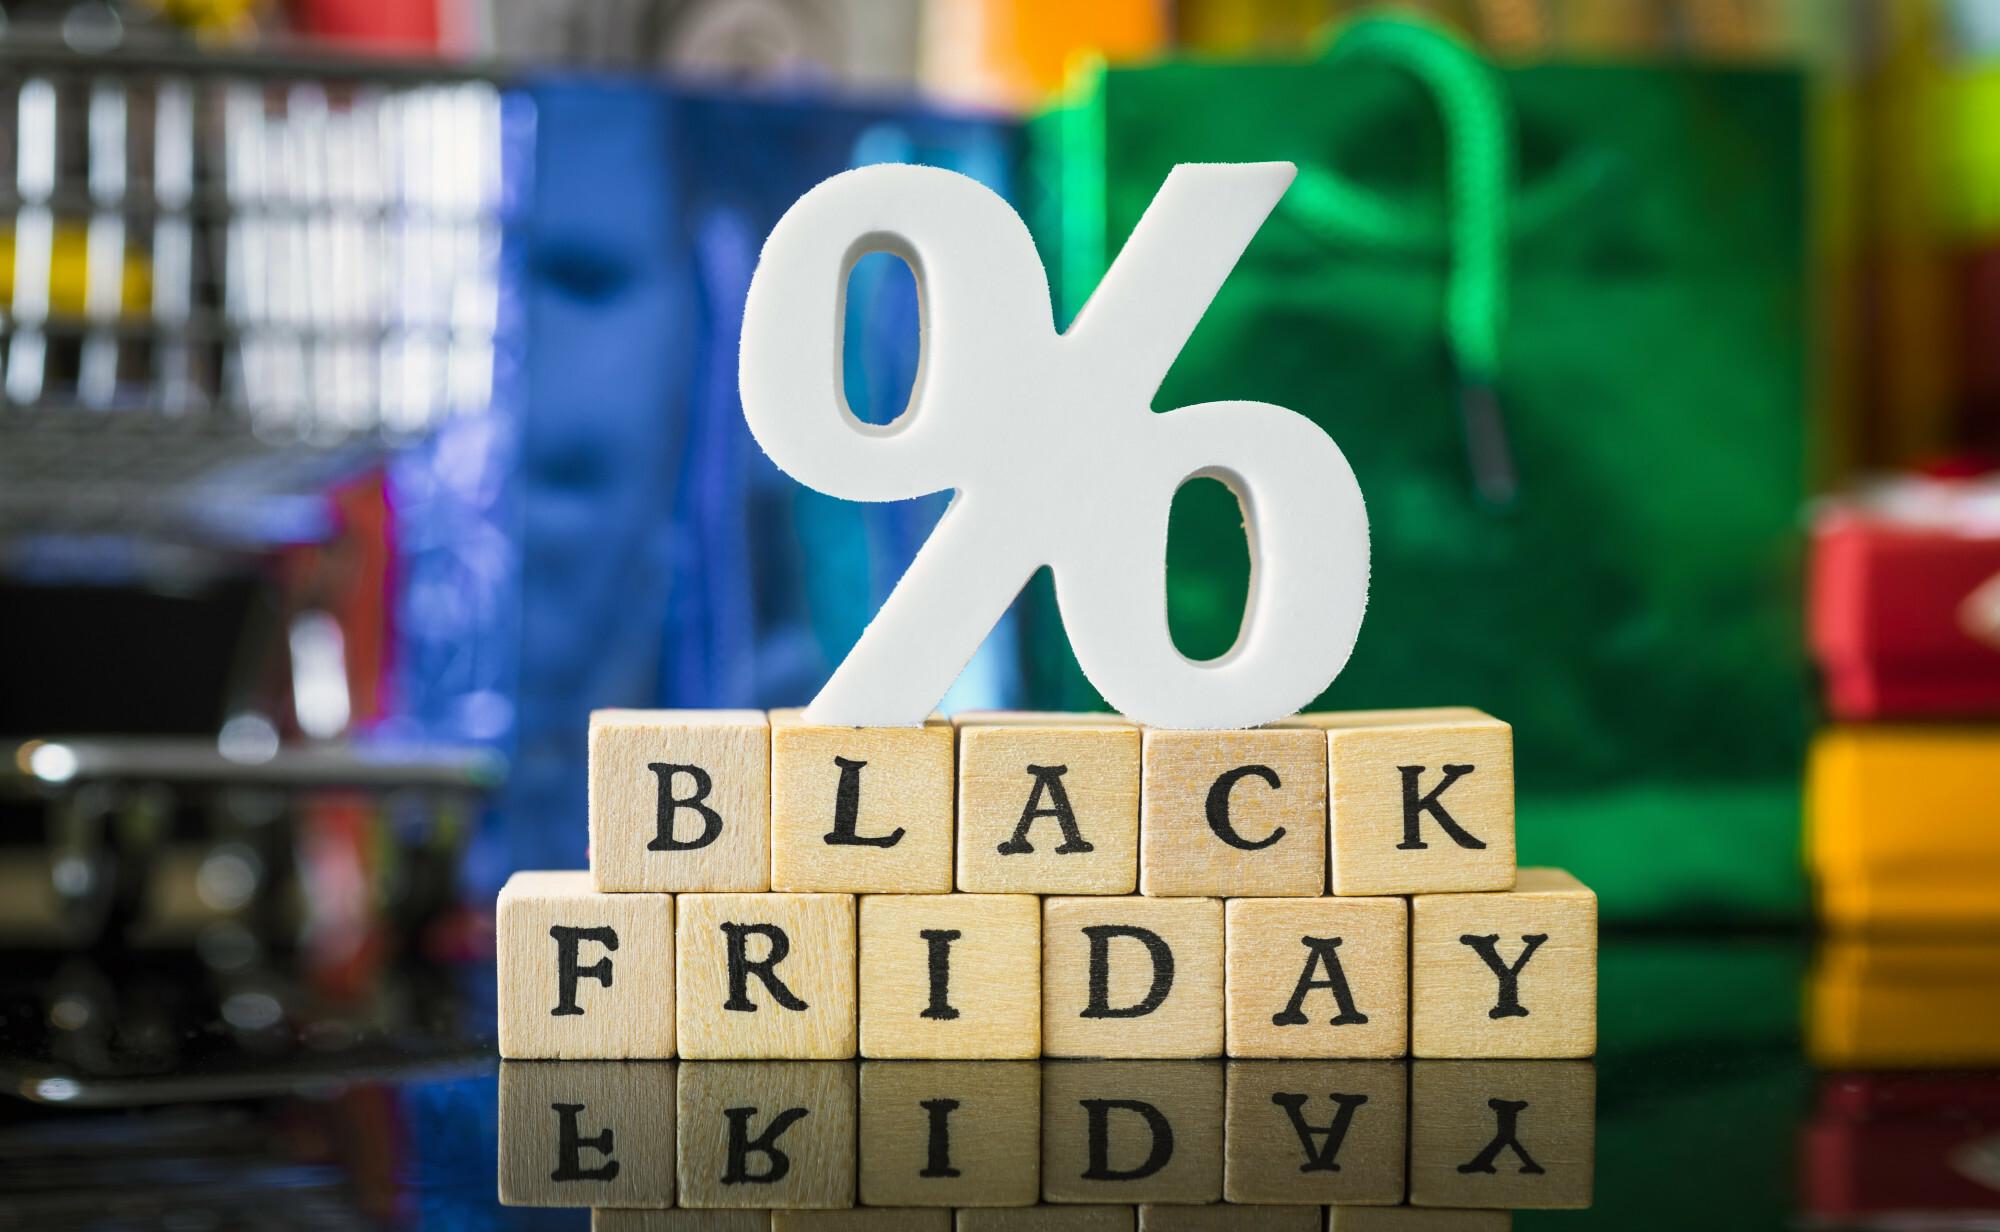 Zakupy Przy Okazji Black Friday 2020 Badanie Allegro